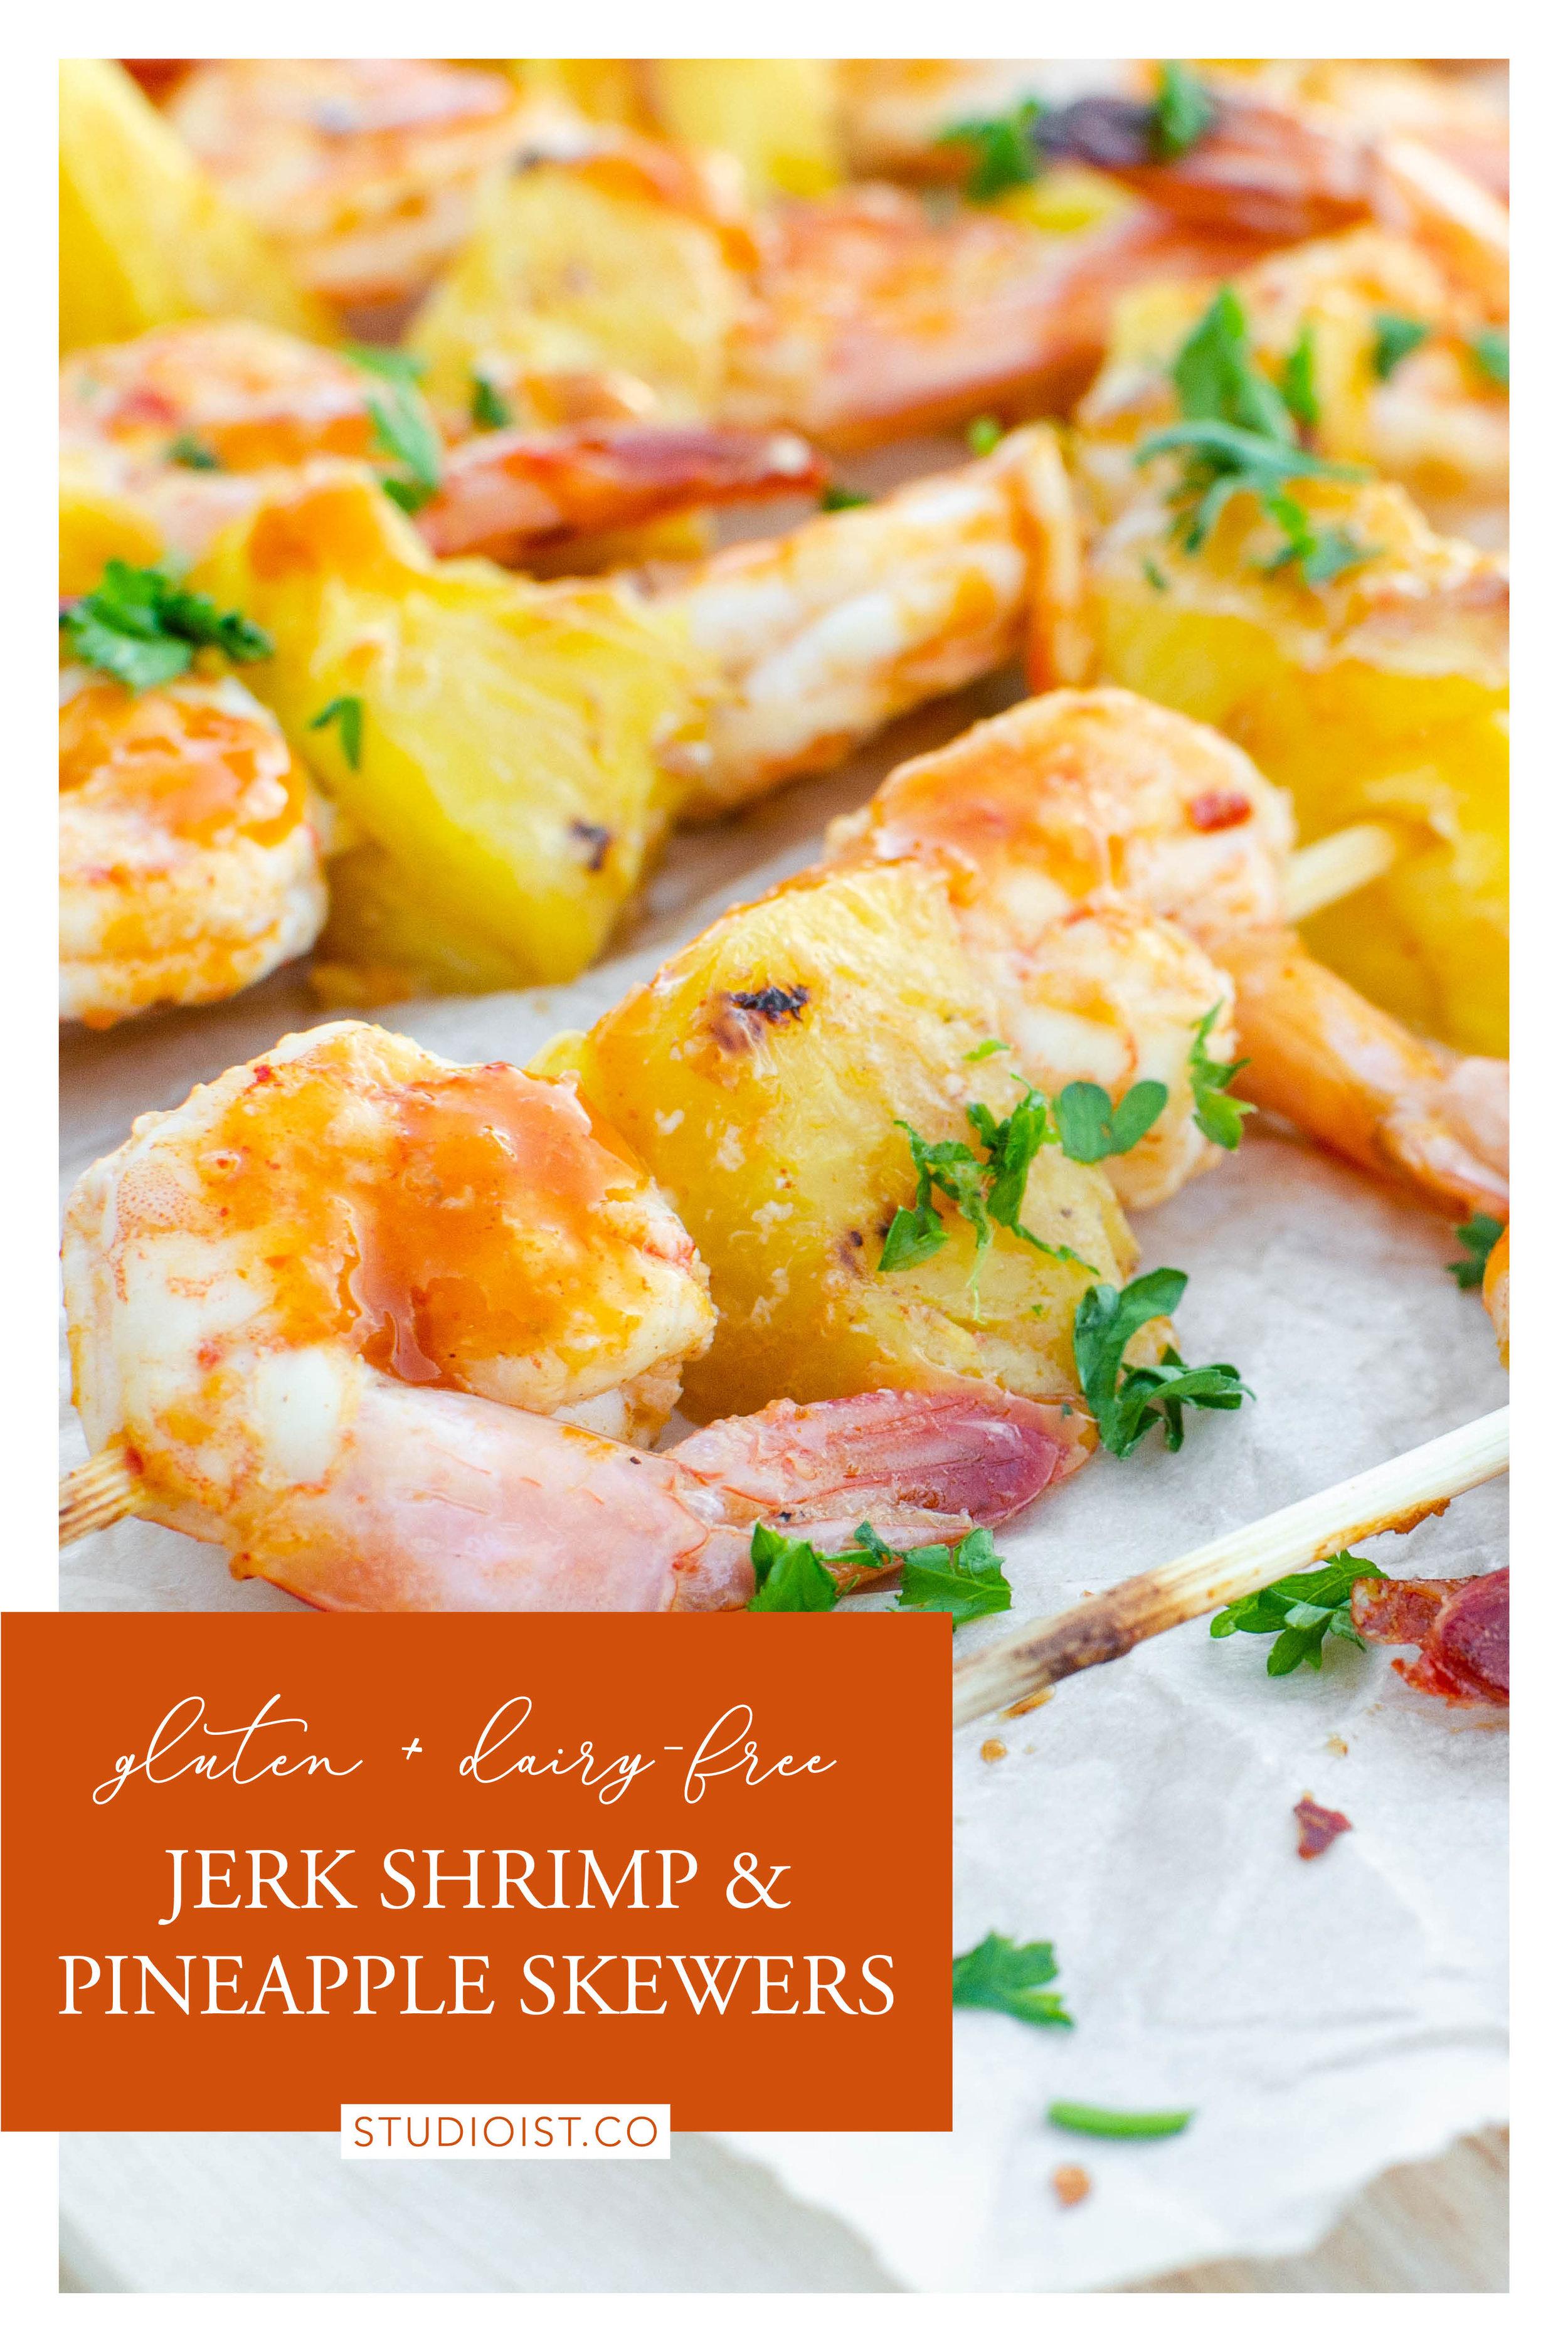 Studioist_Pinterest Design_Jerk Shrimp Skewers4.jpg